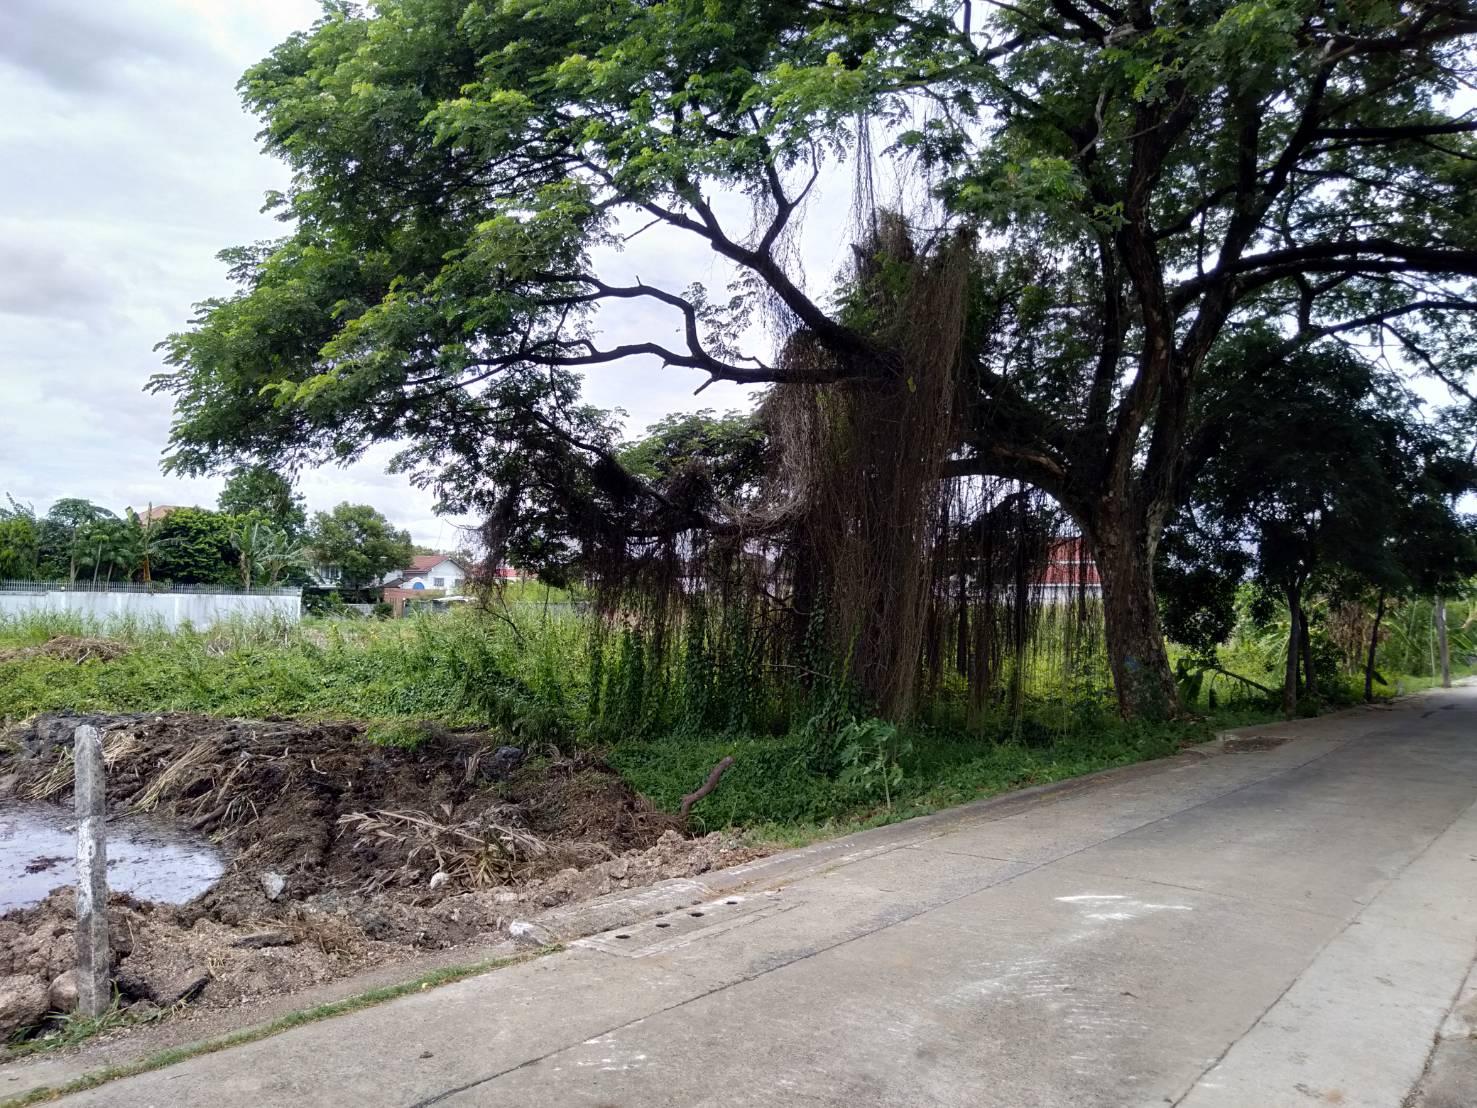 ภาพที่ดินเใกล้สถานีรถไฟบ้านฉิมพลี